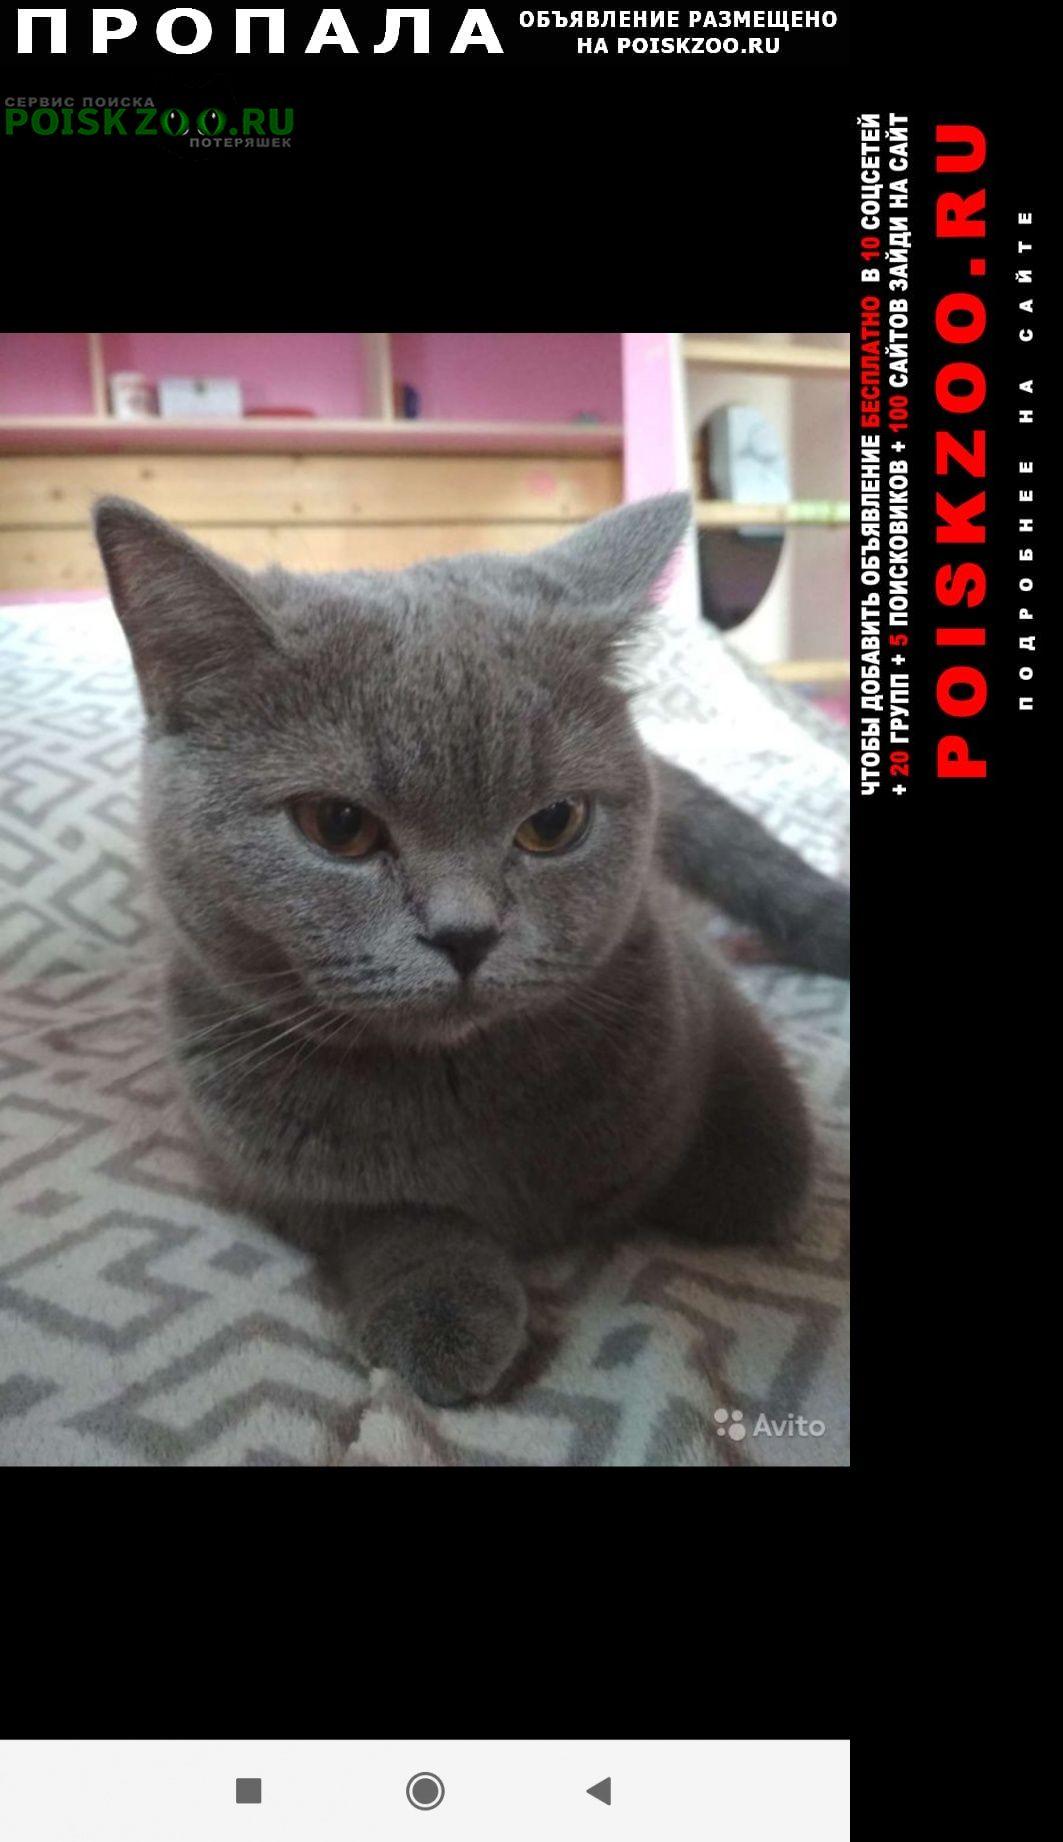 Пропала кошка британская Красногорск